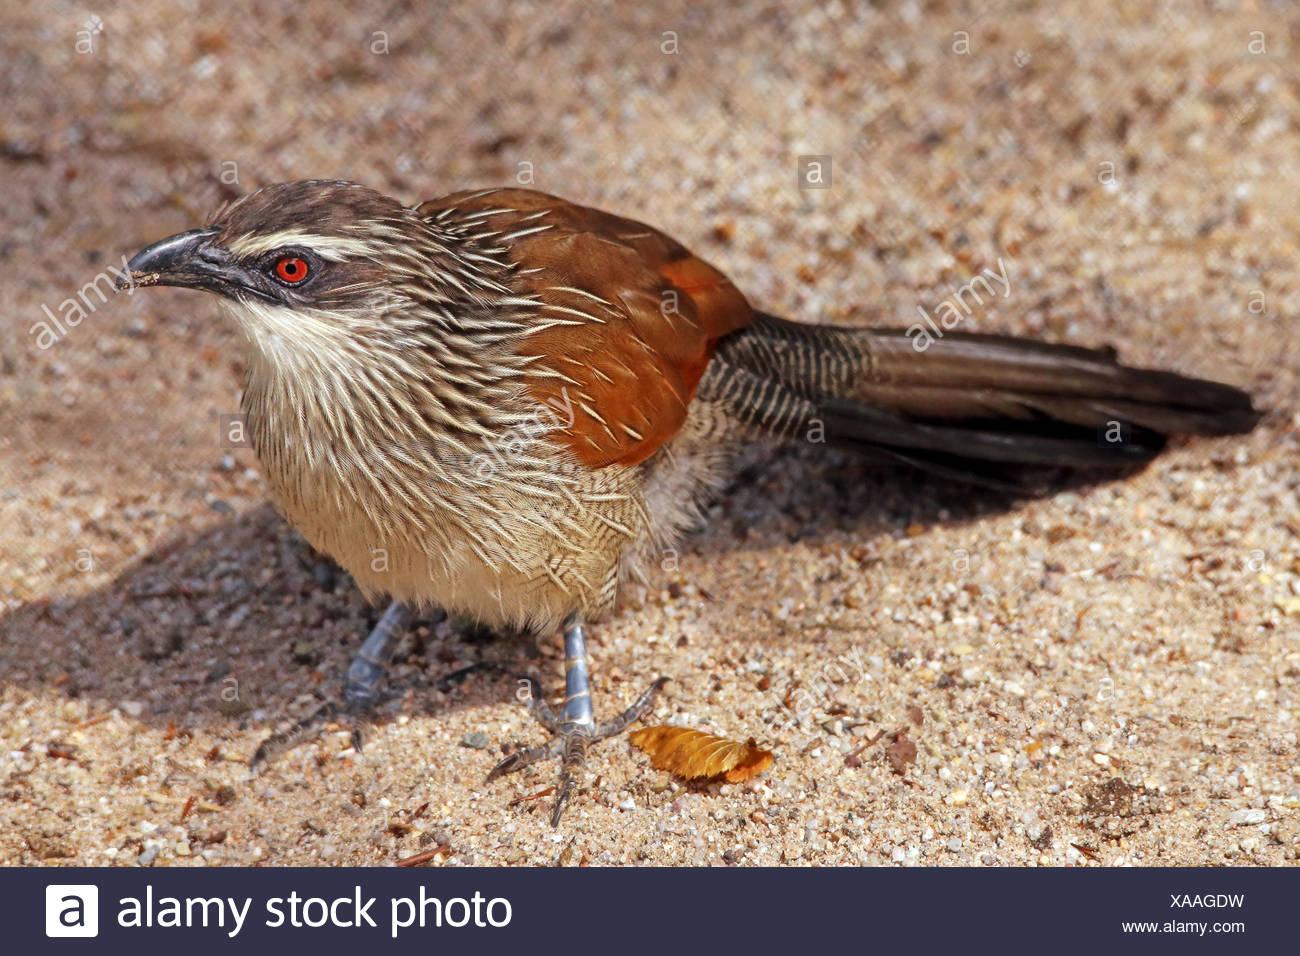 fauna africa - Stock Image